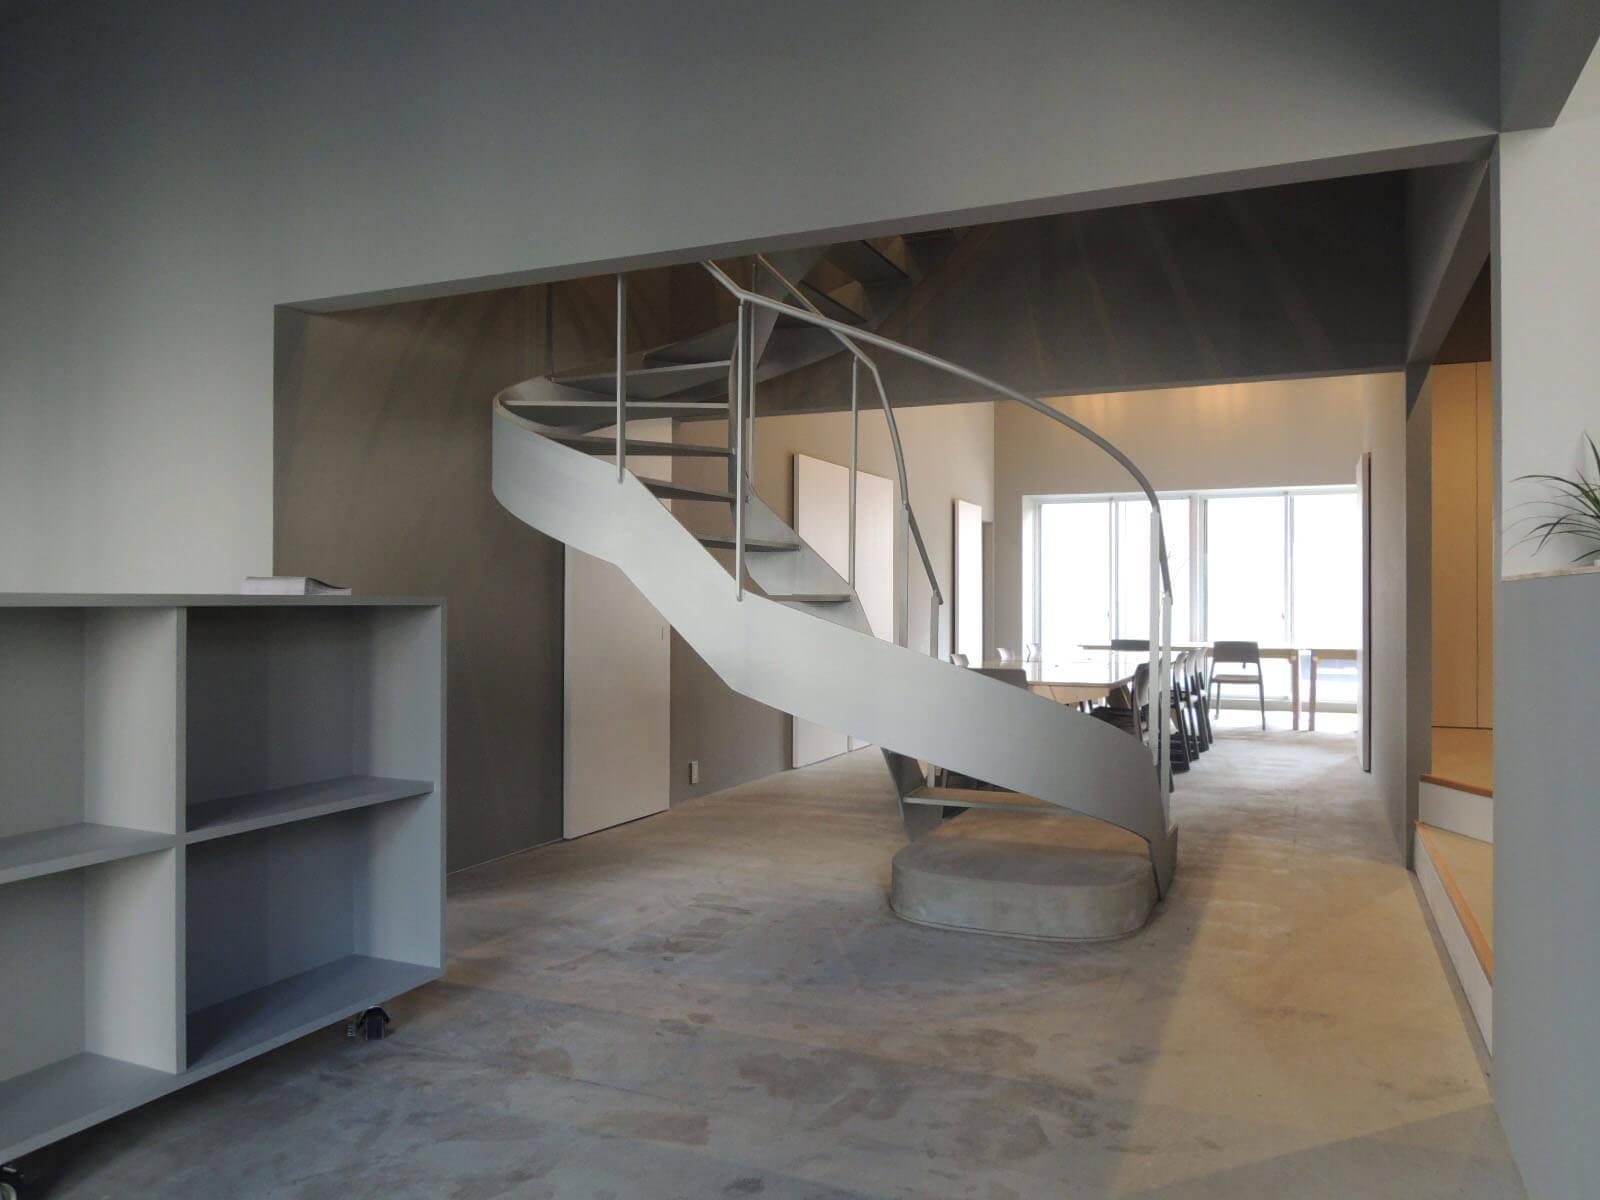 ドラマチックな階段を上がると